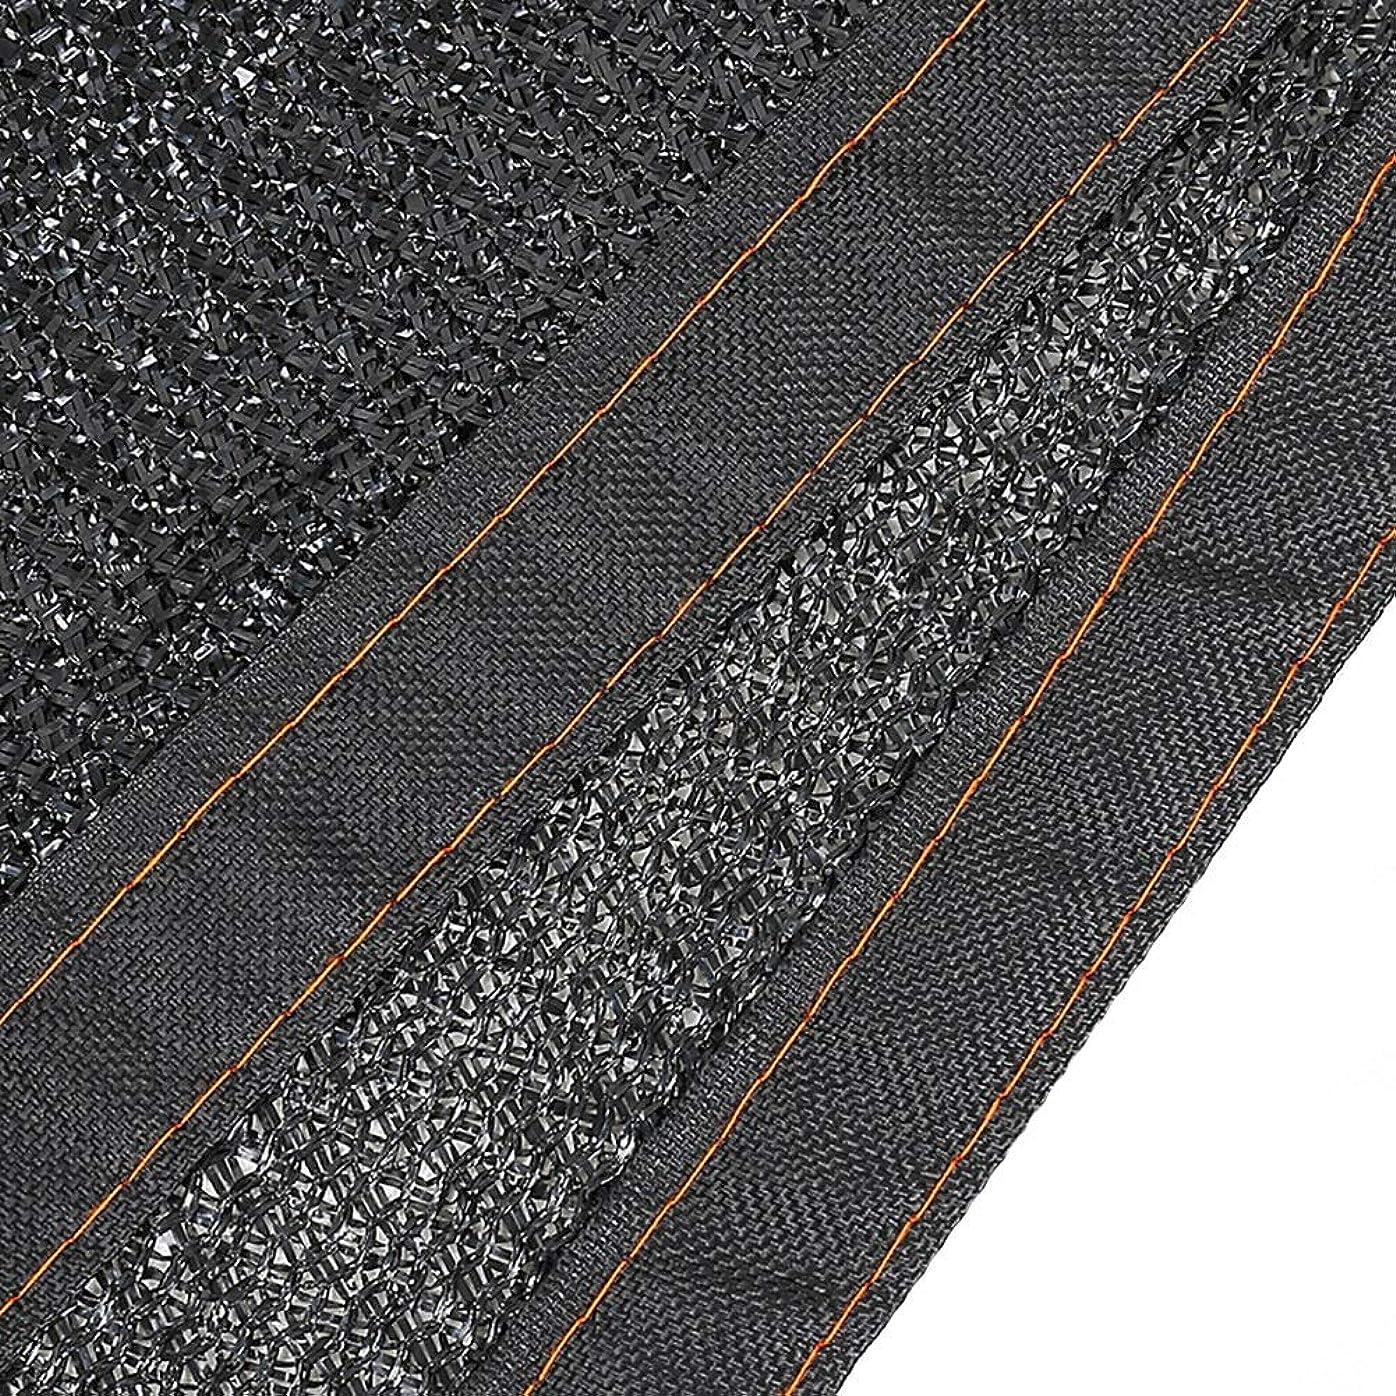 販売計画カウントアップ懸念園芸用ネット グロメットが付いている黒いパーゴラの陰の布、池/納屋/犬小屋/プールのための85%の日焼け止めの紫外線抵抗力がある庭の網、頑丈 (Size : 4×8M)